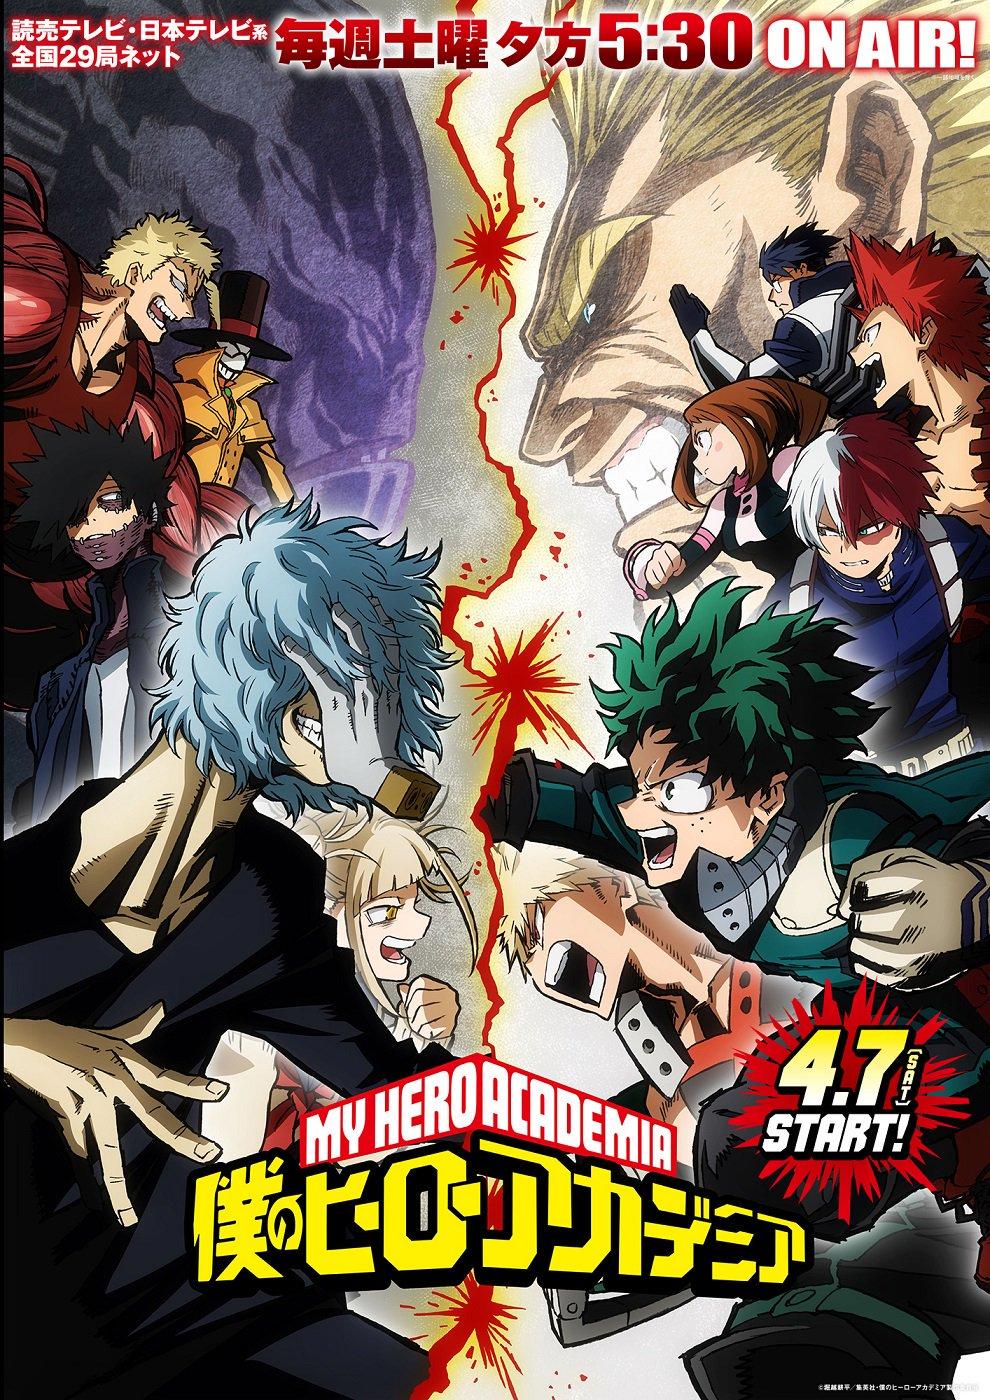 La tercera temporada de My Hero Academia se estrenará en abril de 2018 My-Hero-Academia-3-visual-19-02